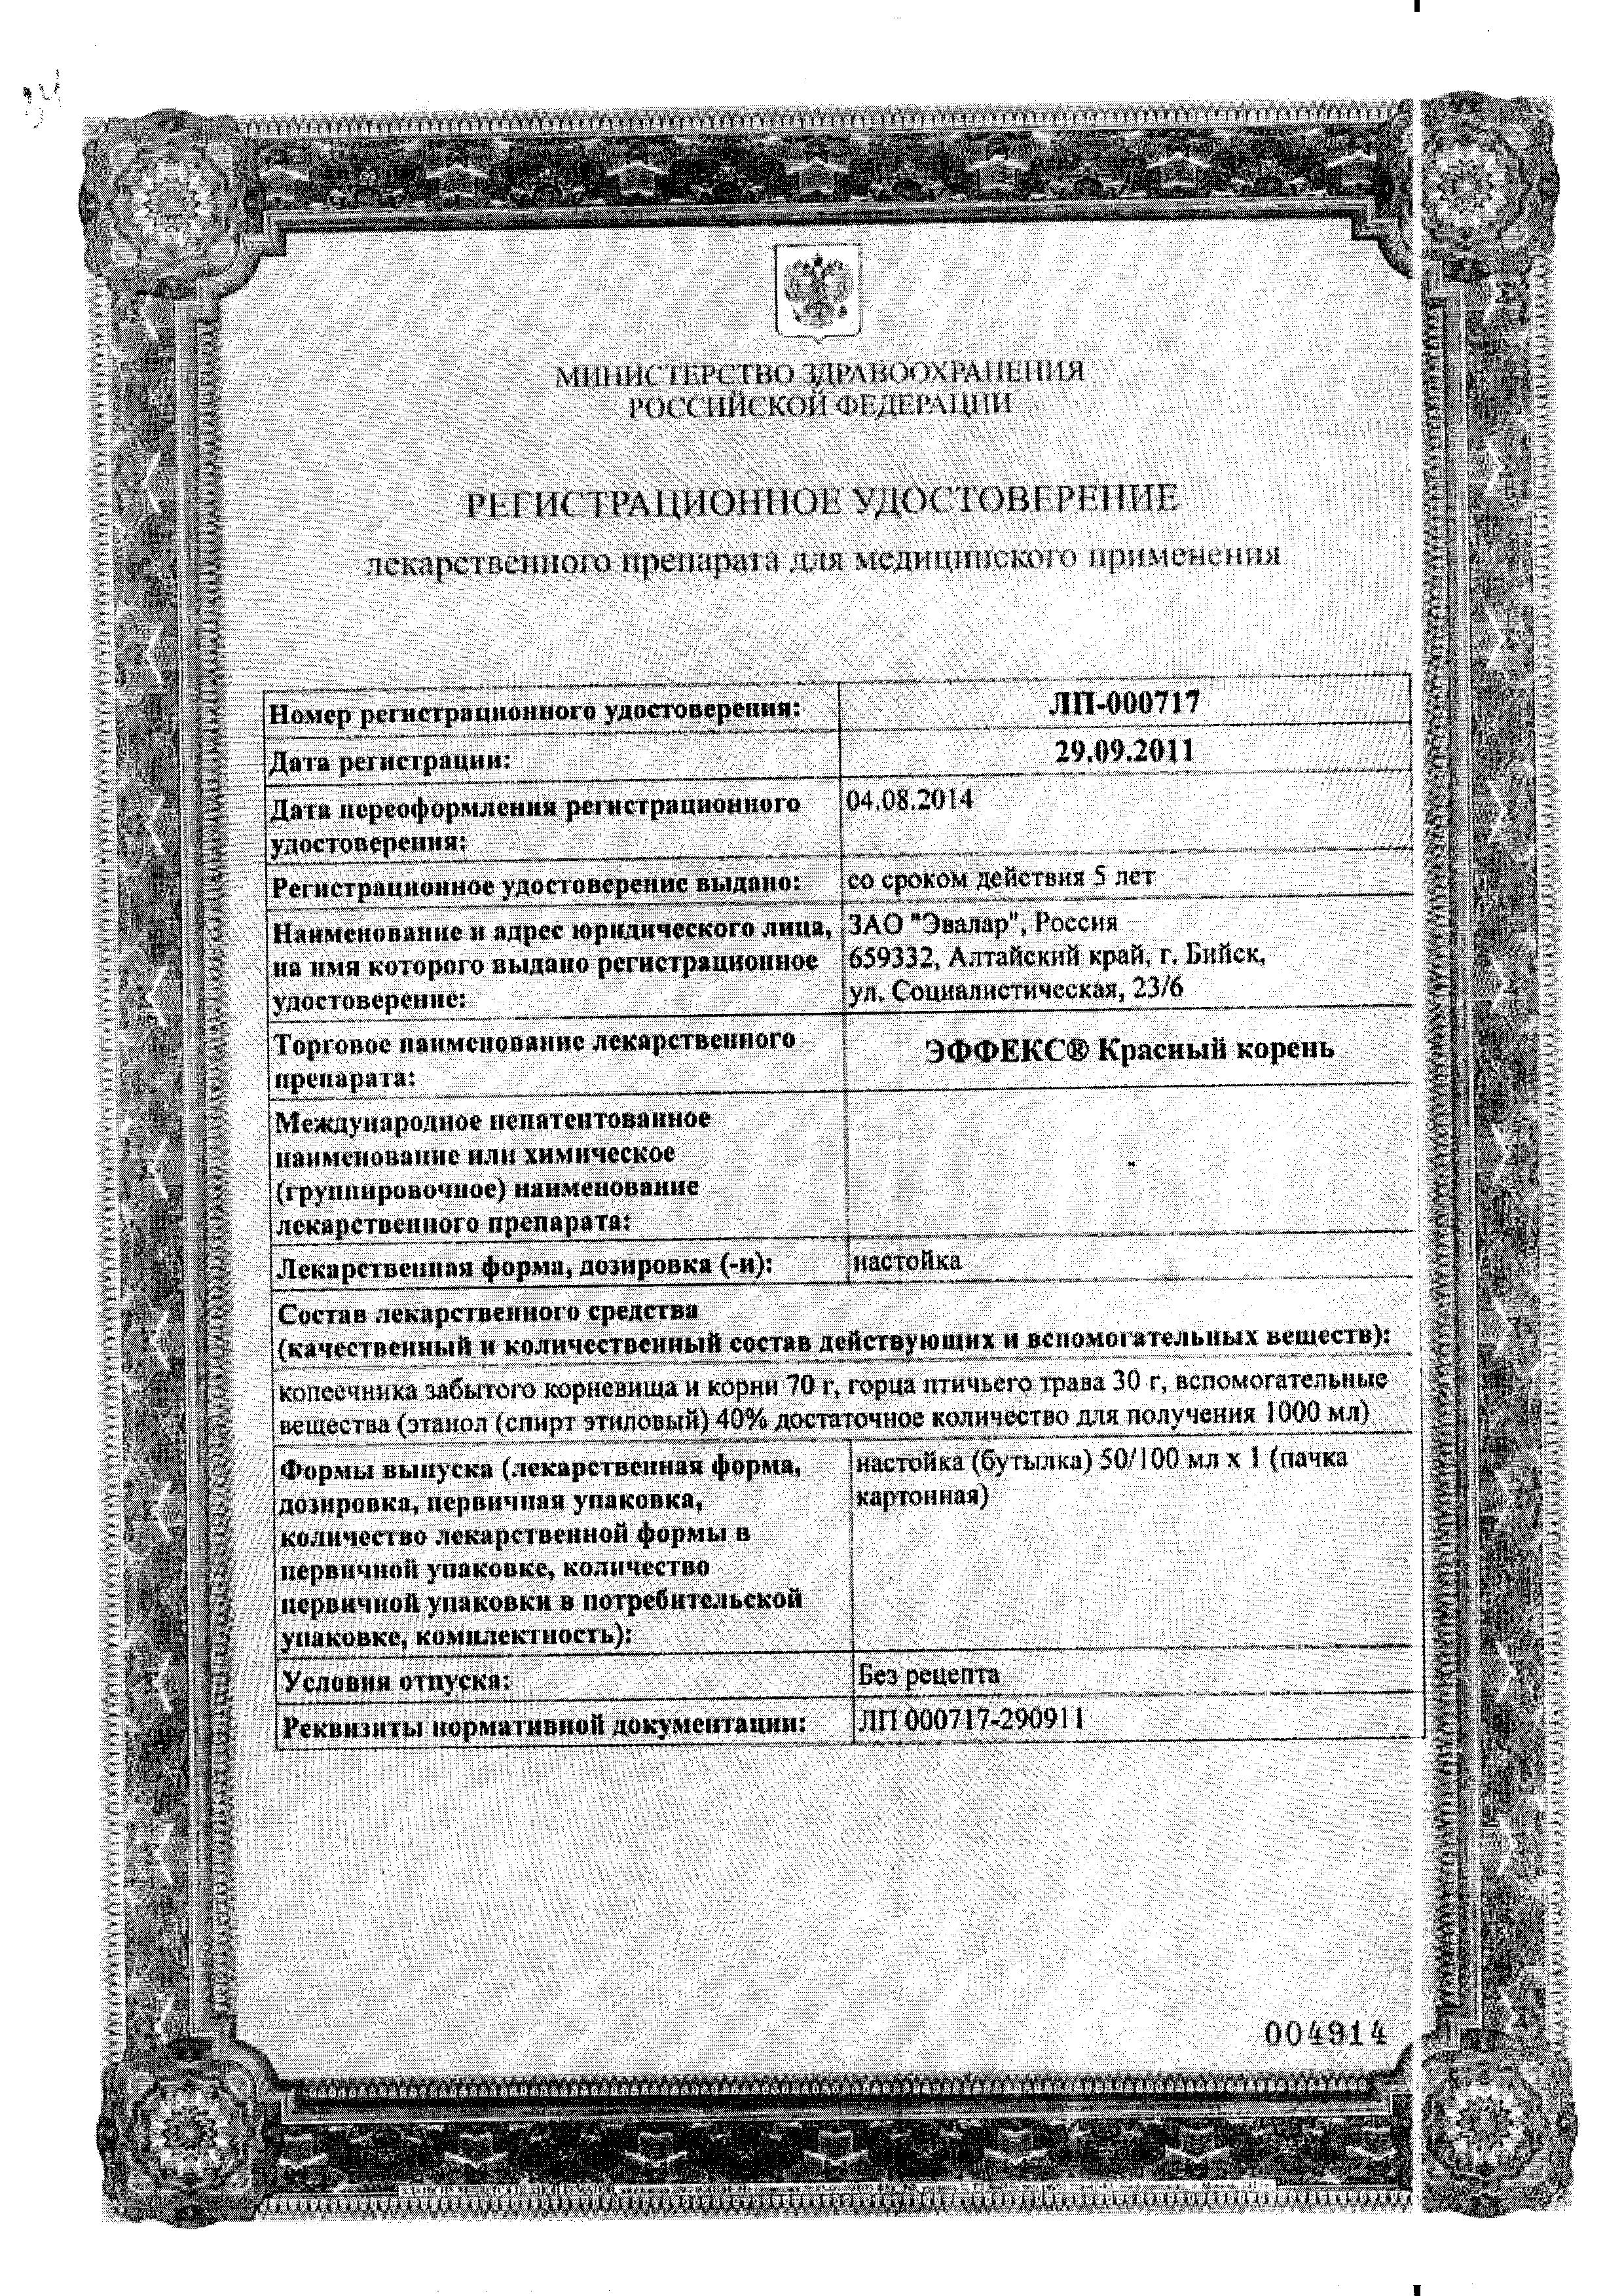 Эффекс Красный корень сертификат